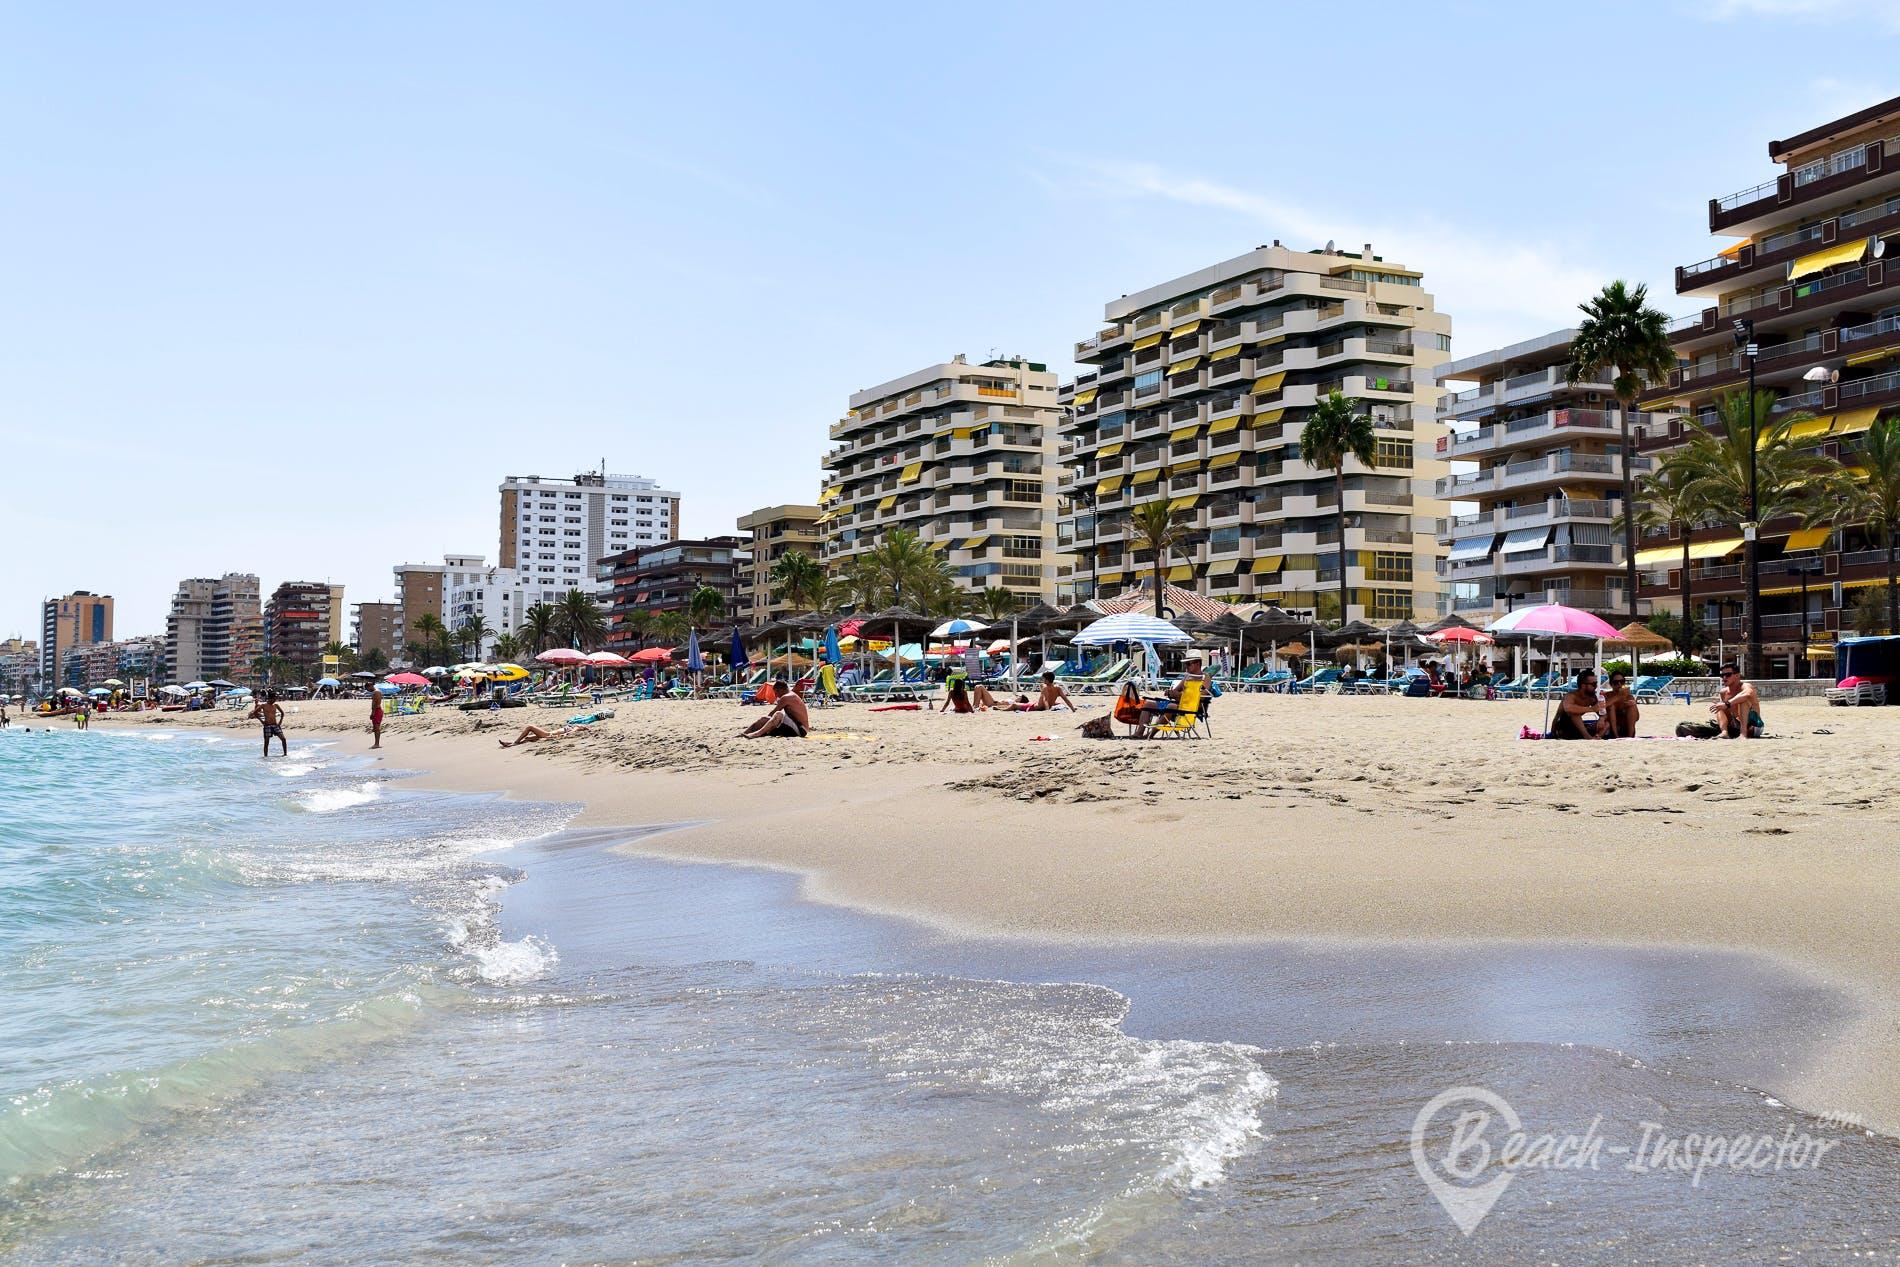 Beach Playa Los Boliches, Costa del Sol, Spain